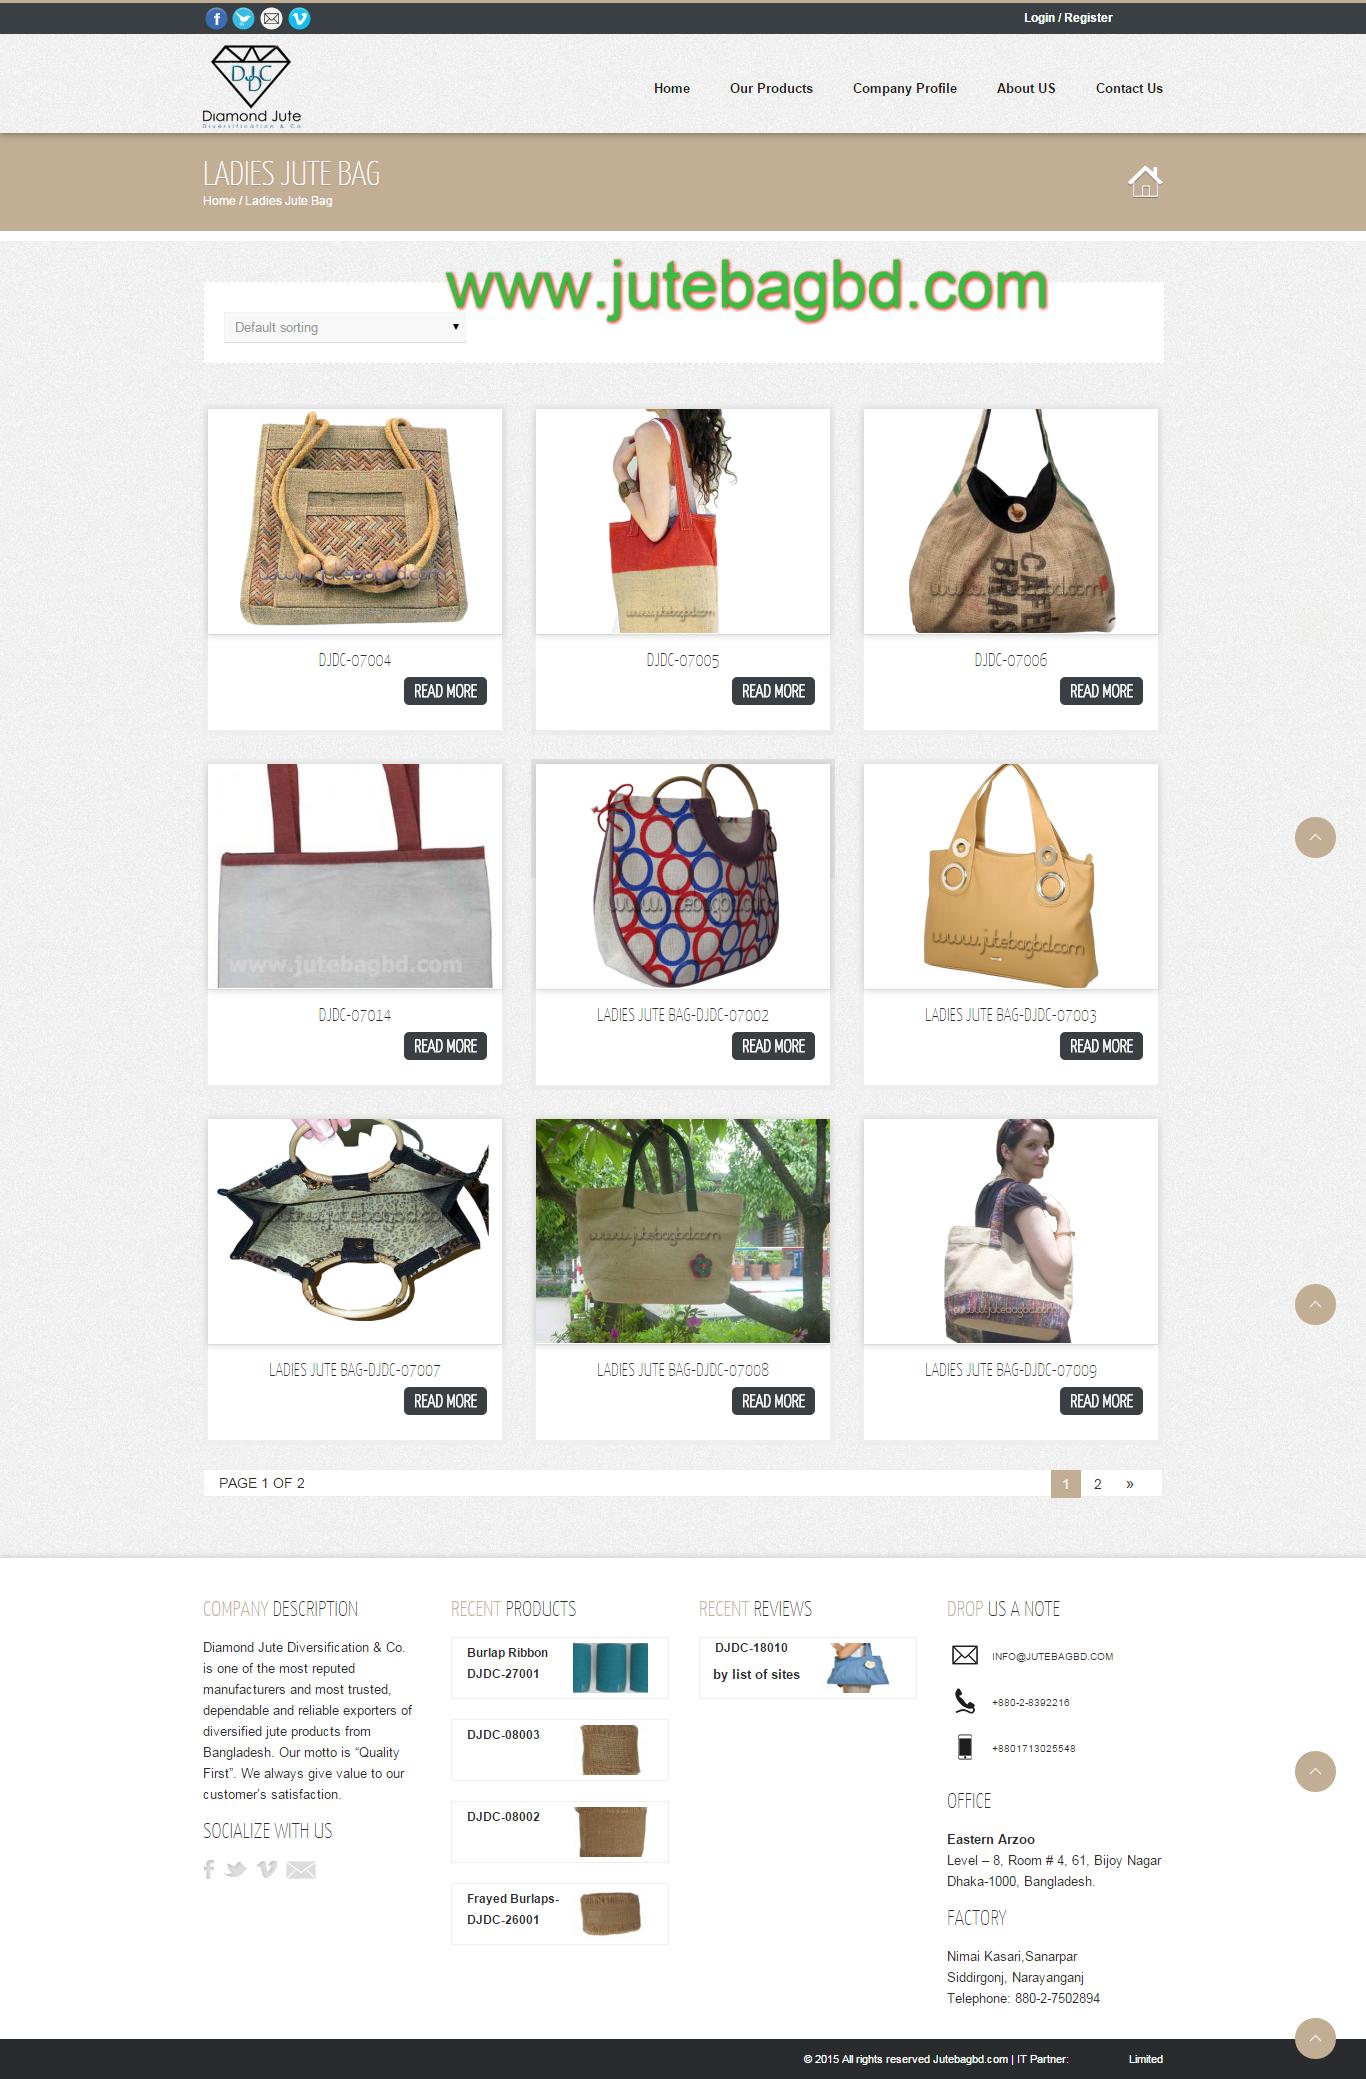 Jute Bags Online, Ladies Bags, Lunch Bags, Women Bags